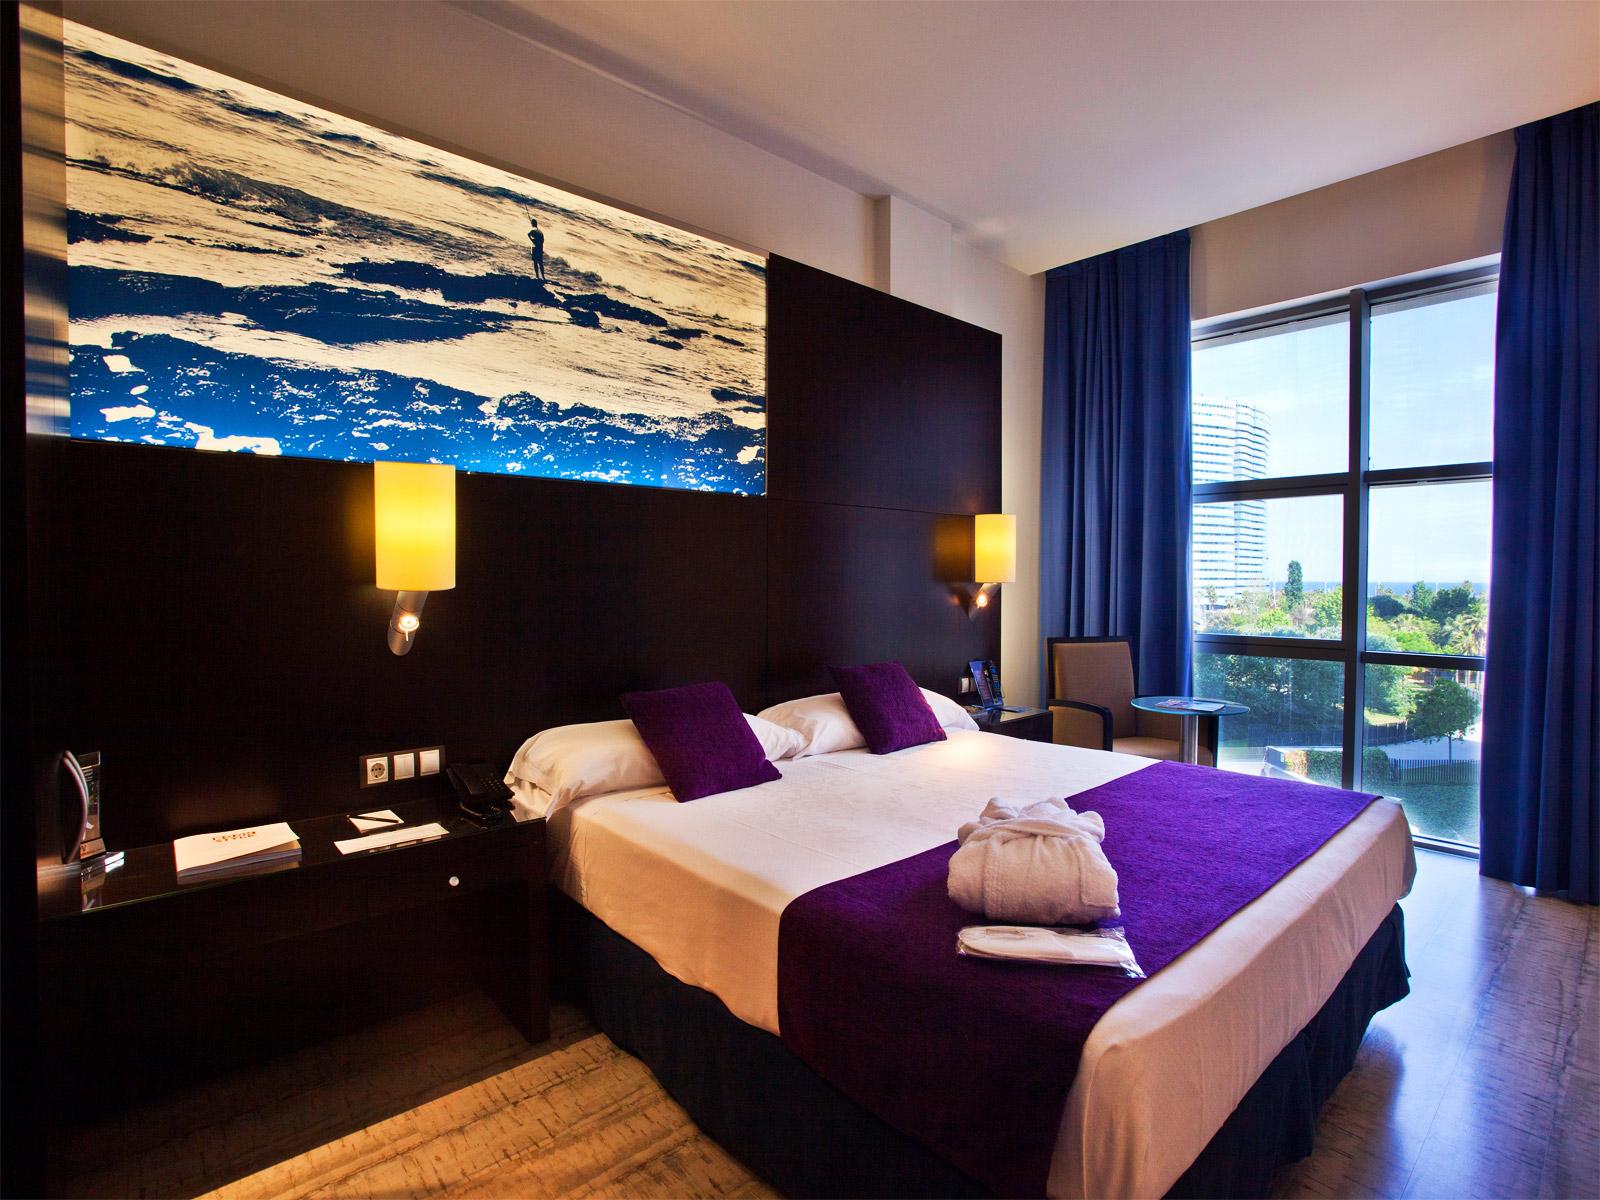 Habitaciones hotel barcelona mar timo vincci hoteles - Hoteles vincci barcelona ...